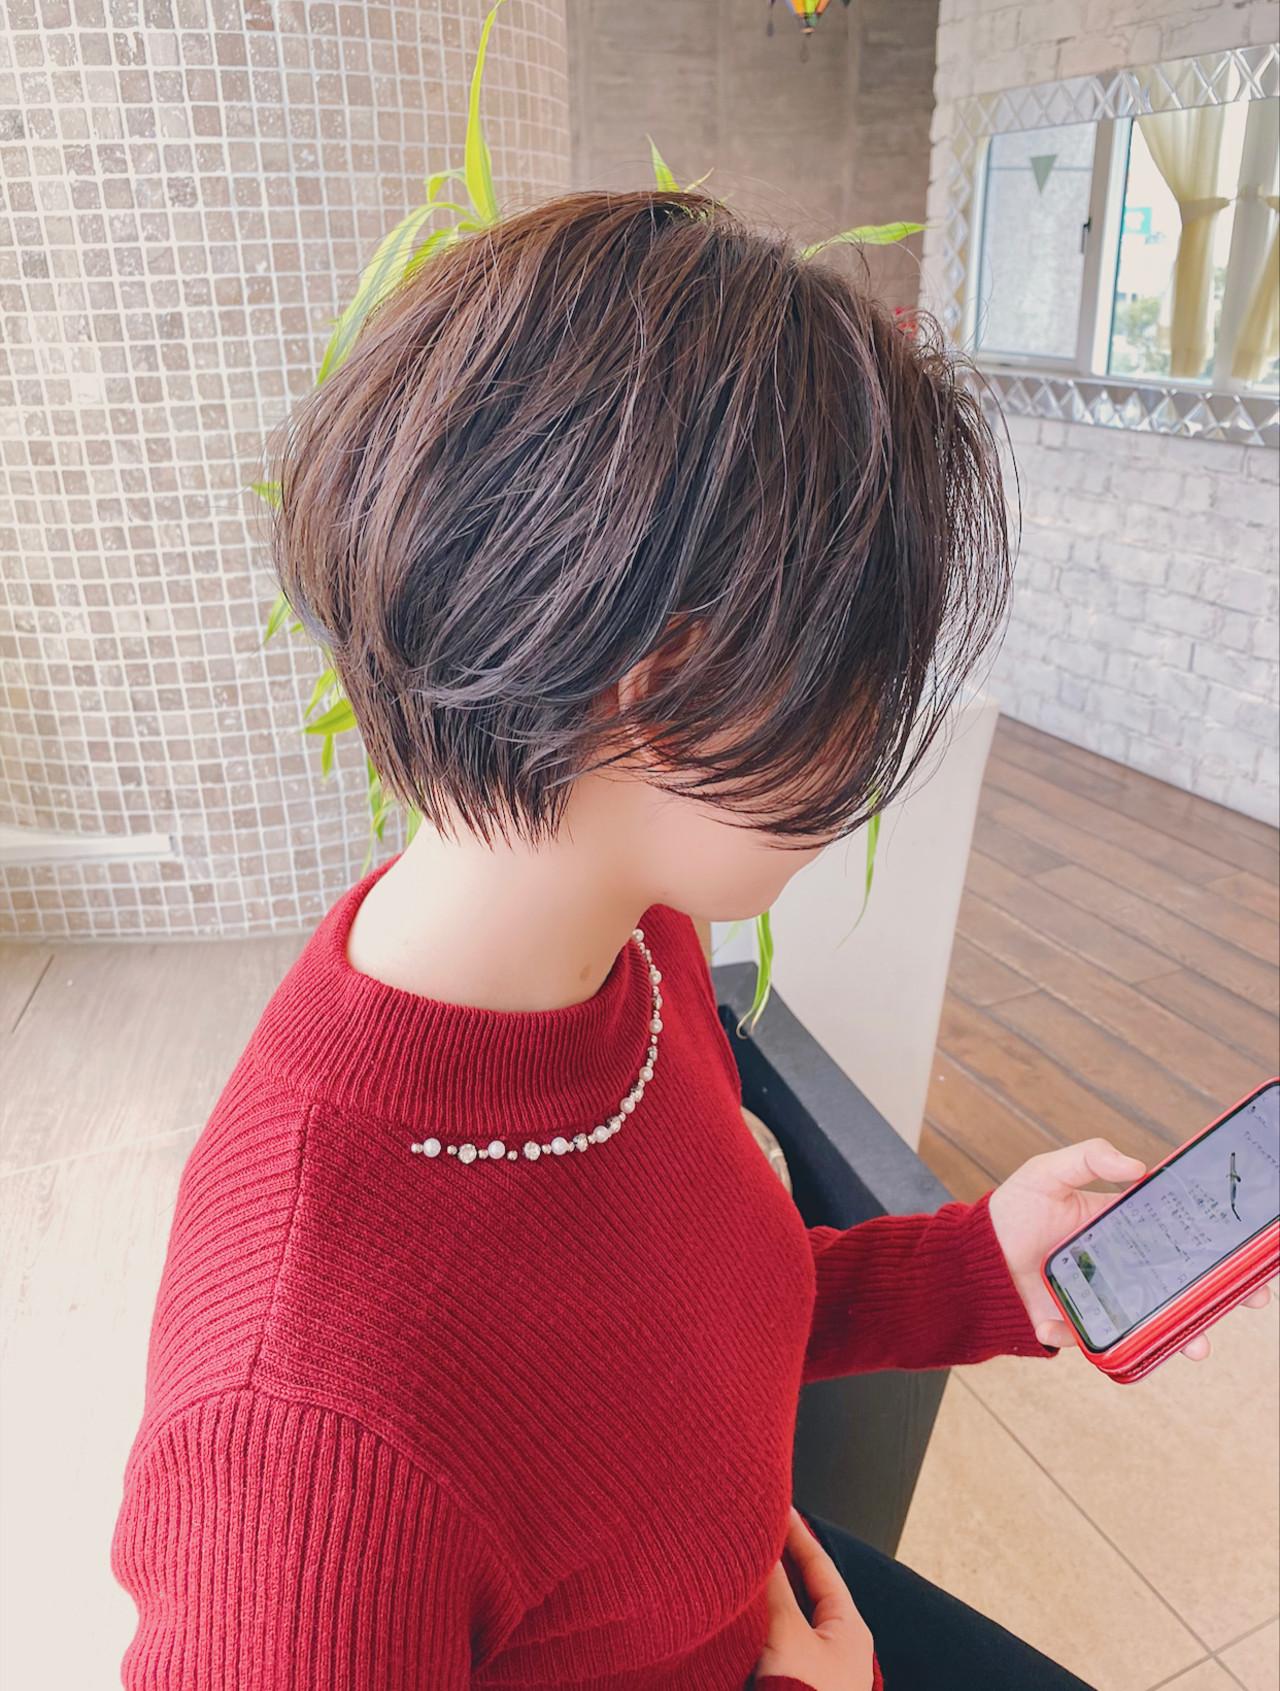 ナチュラル ミニボブ ショートボブ ショートヘア ヘアスタイルや髪型の写真・画像 | 河村 博之 名古屋 栄 リュドール栄 / リュドール栄